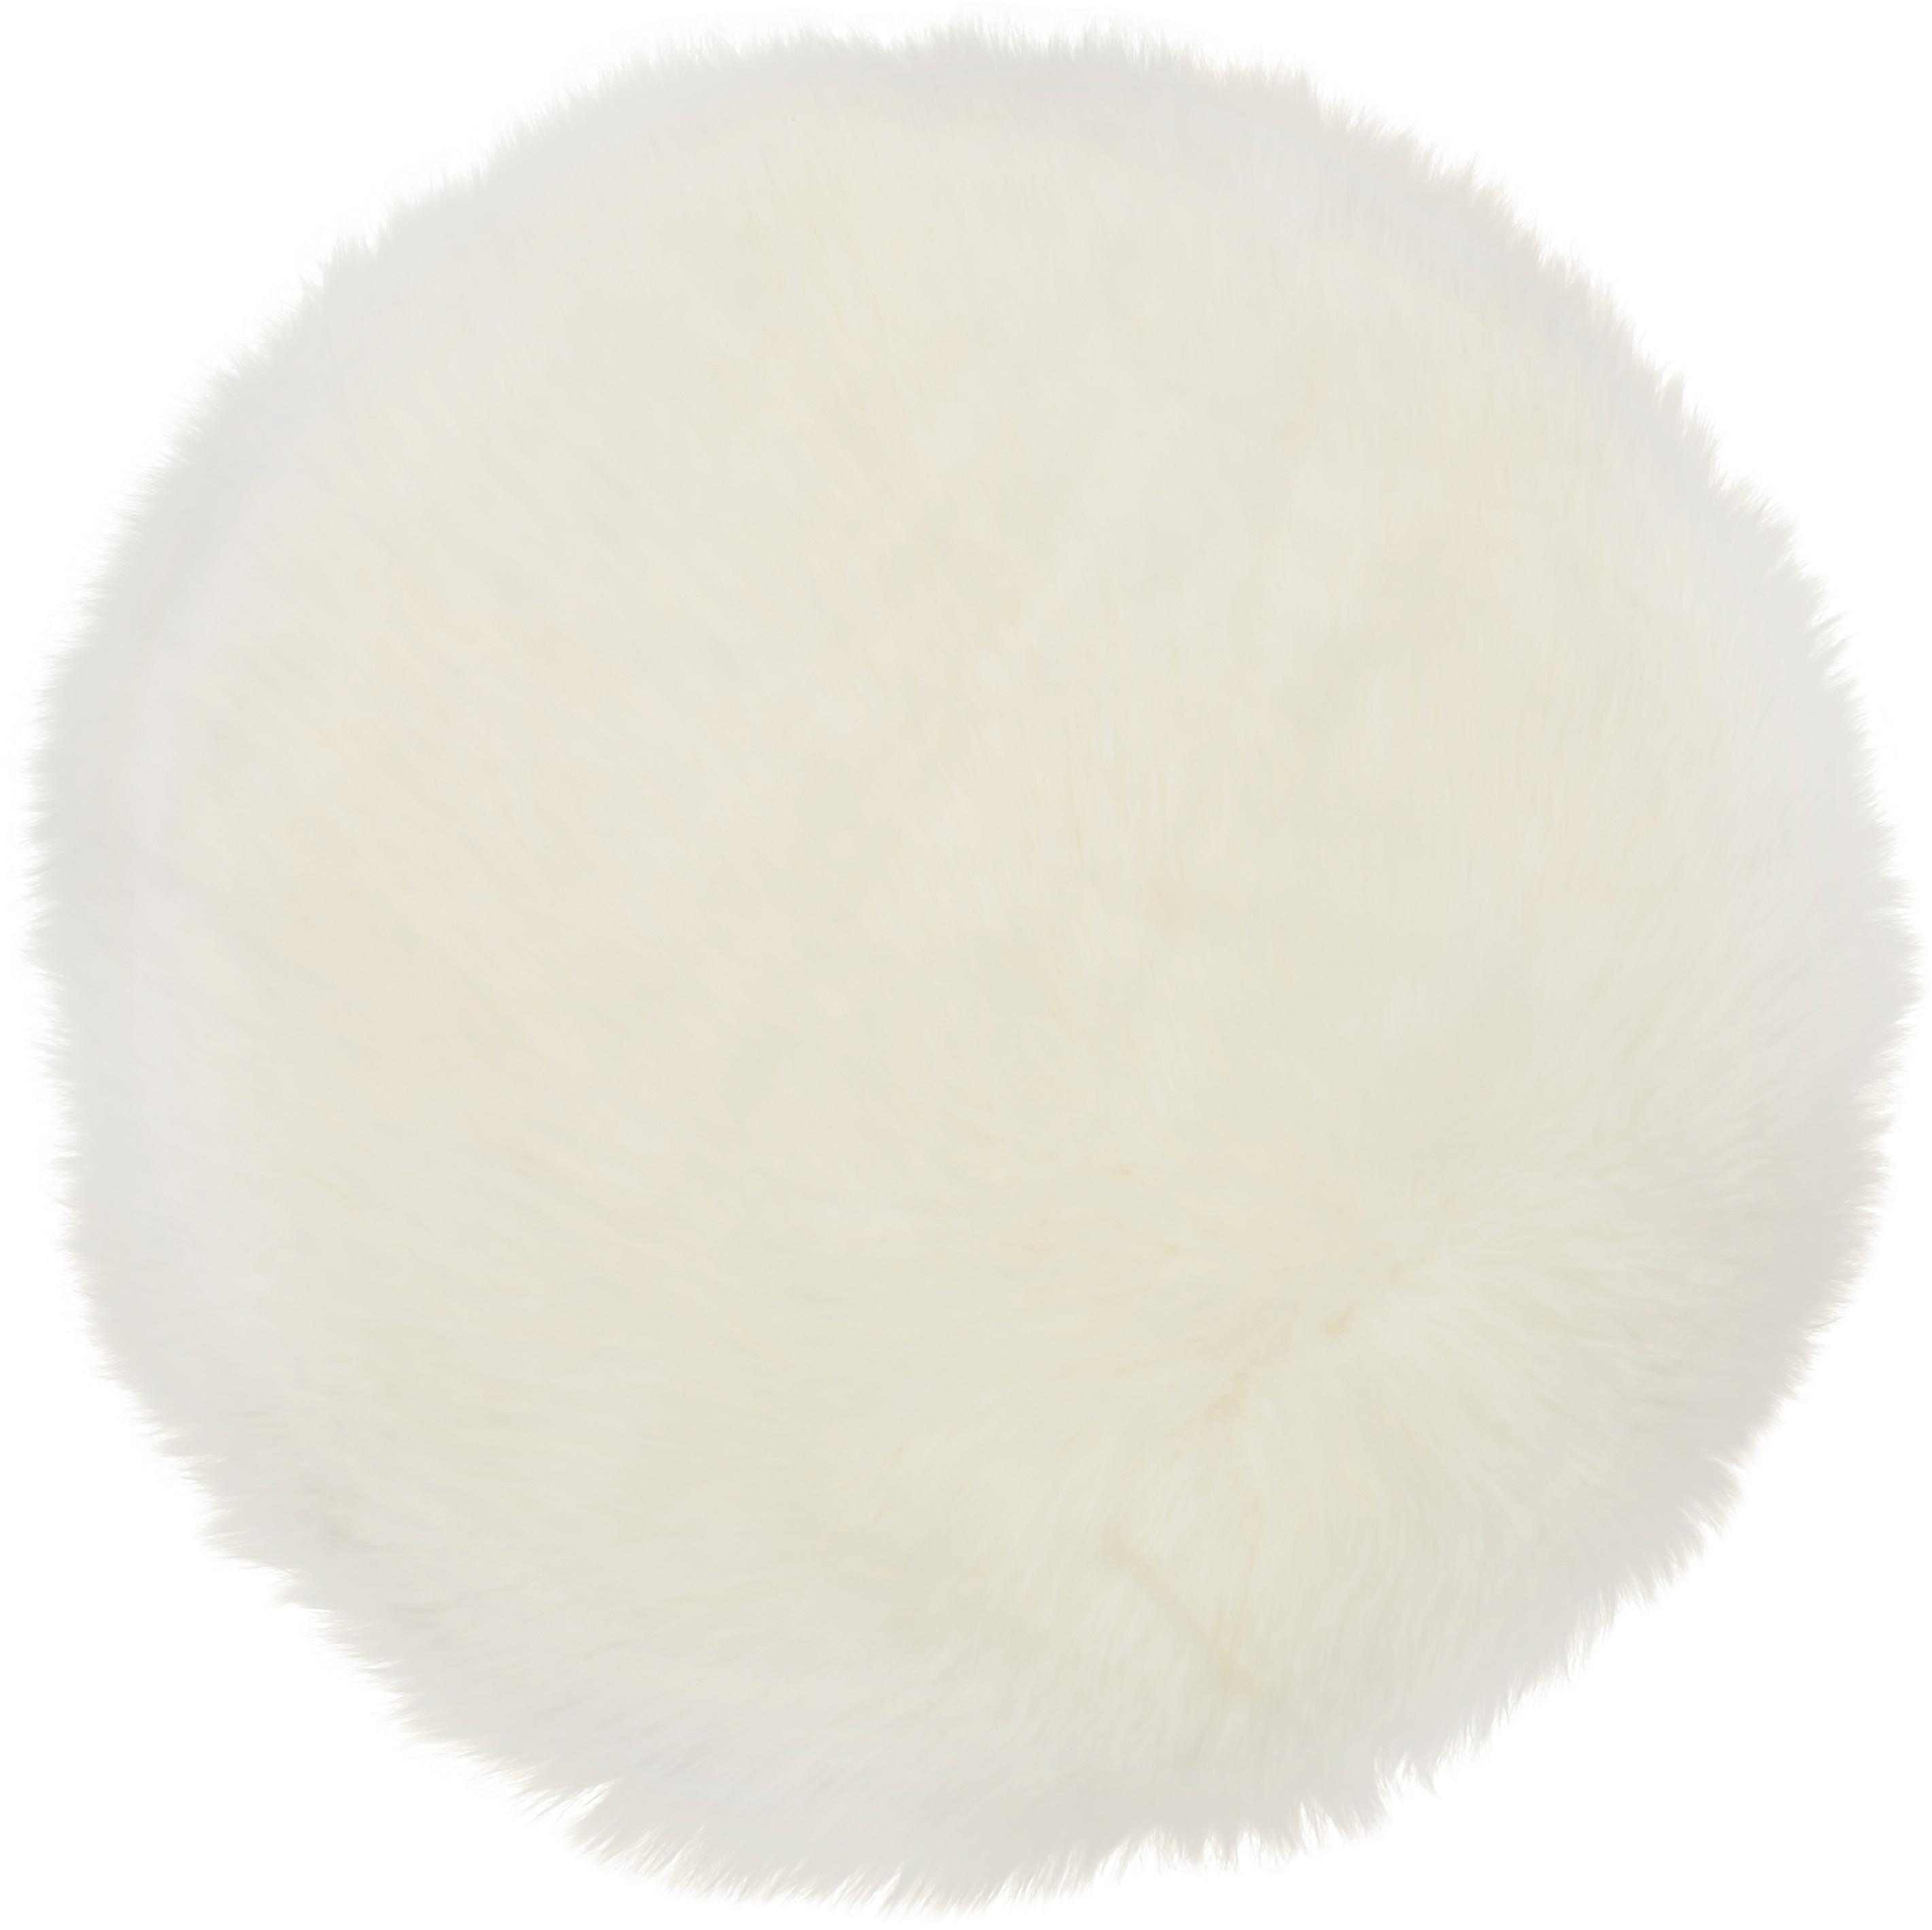 Runde Schaffell-Sitzauflage Oslo, glatt, Flor: 100% Schaffell, Rückseite: 100% Polyester, Cremeweiß, Ø 37 cm